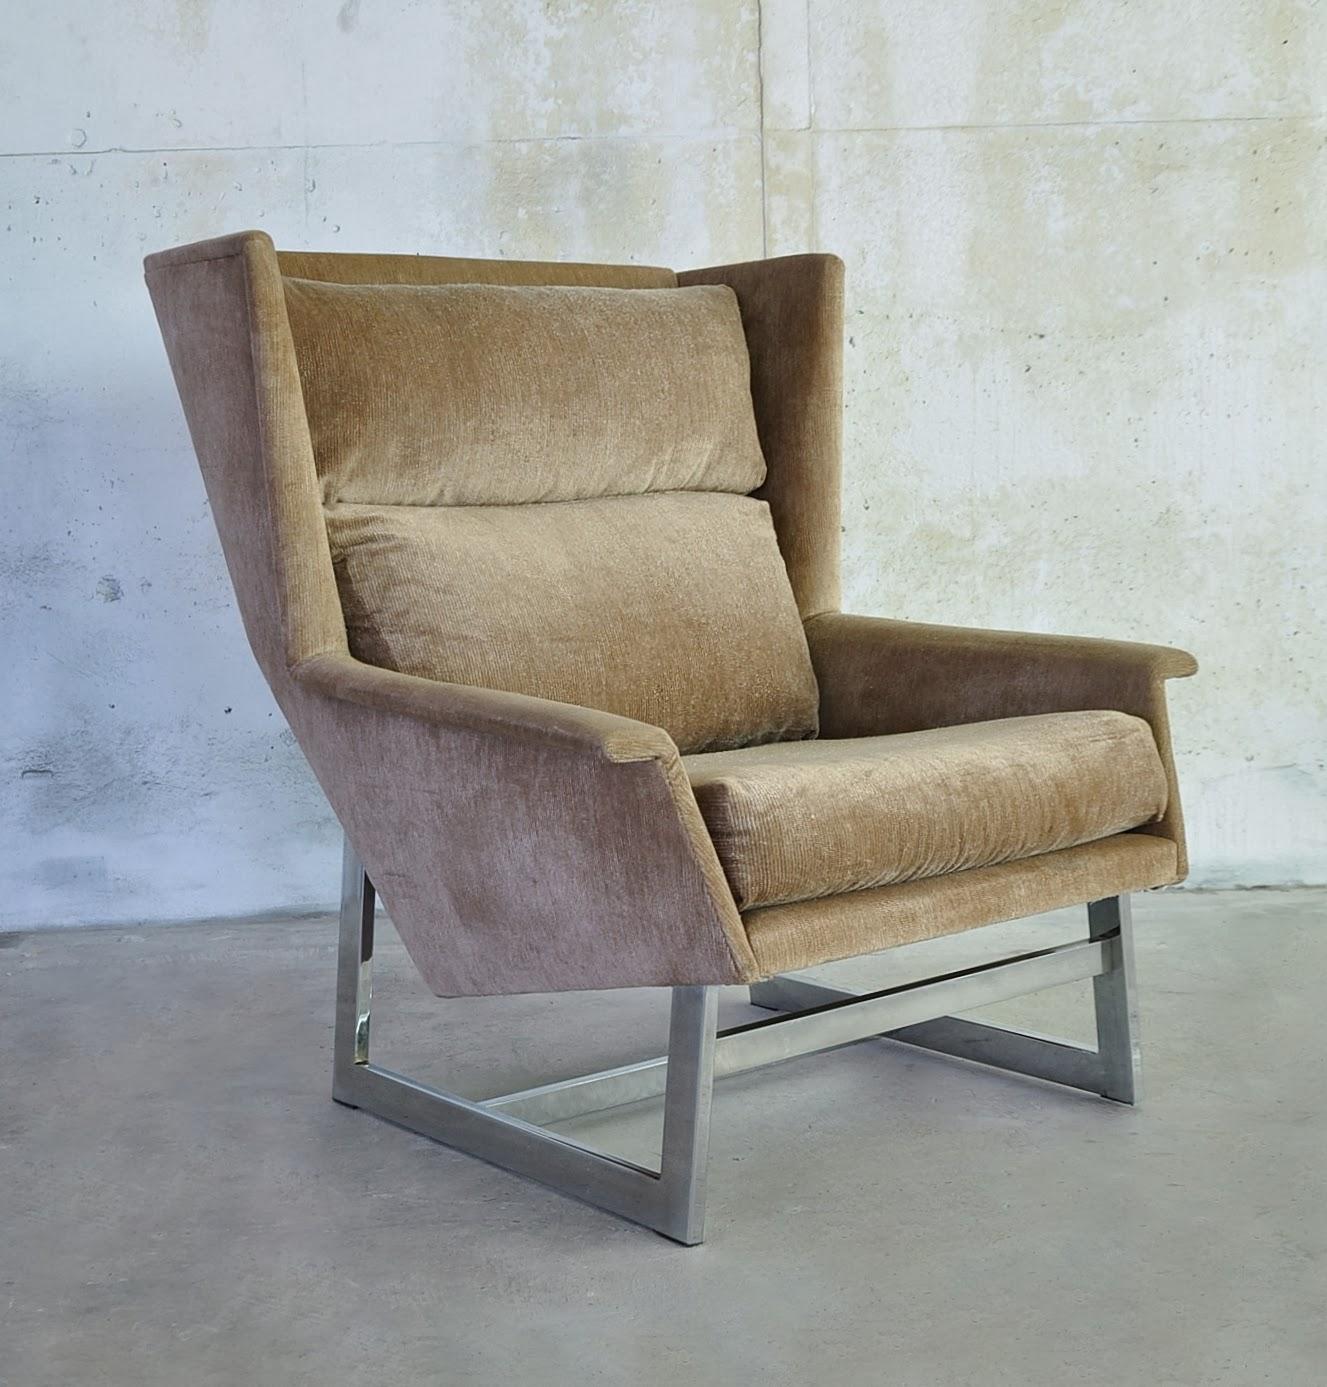 Select modern hans wegner style chrome lounge chair - Hans wegner style chair ...